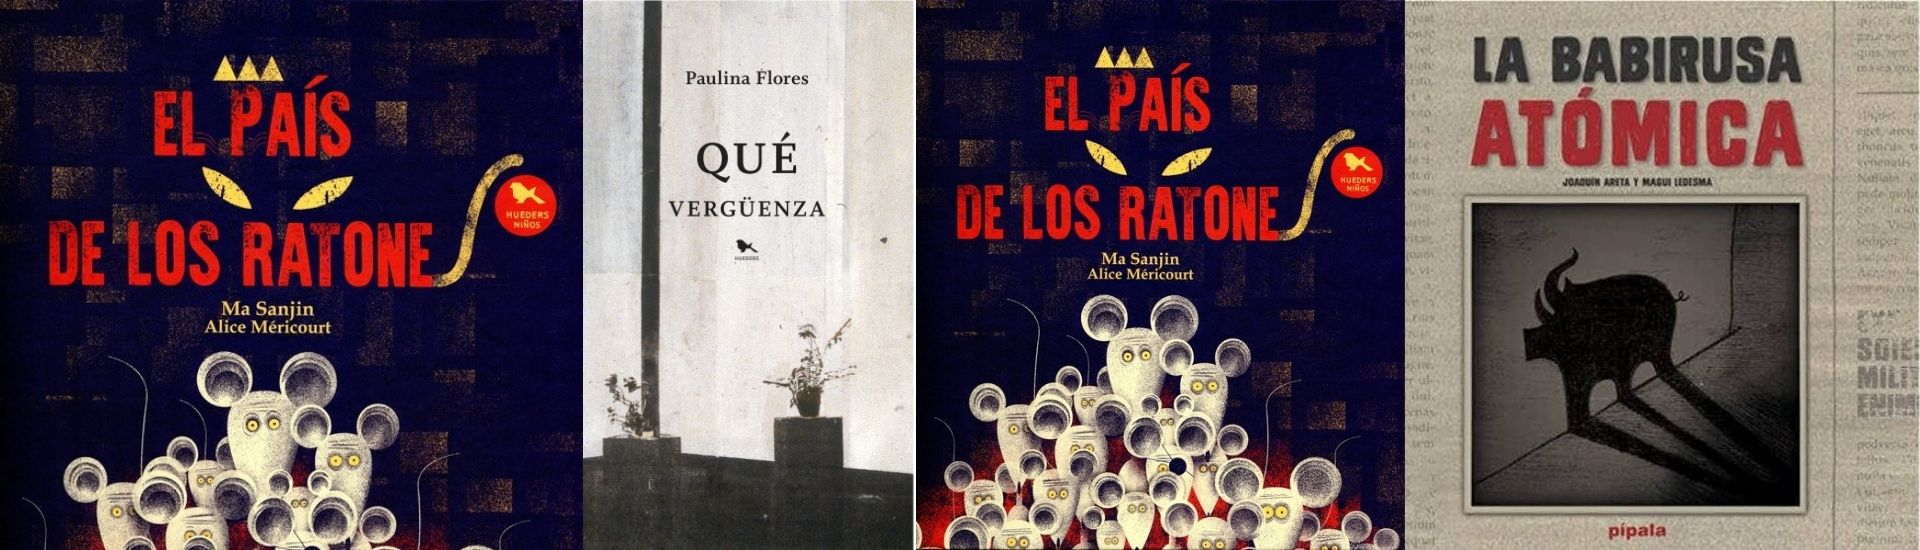 Portadas de varios libros, que sirven para hablar de desigualdad